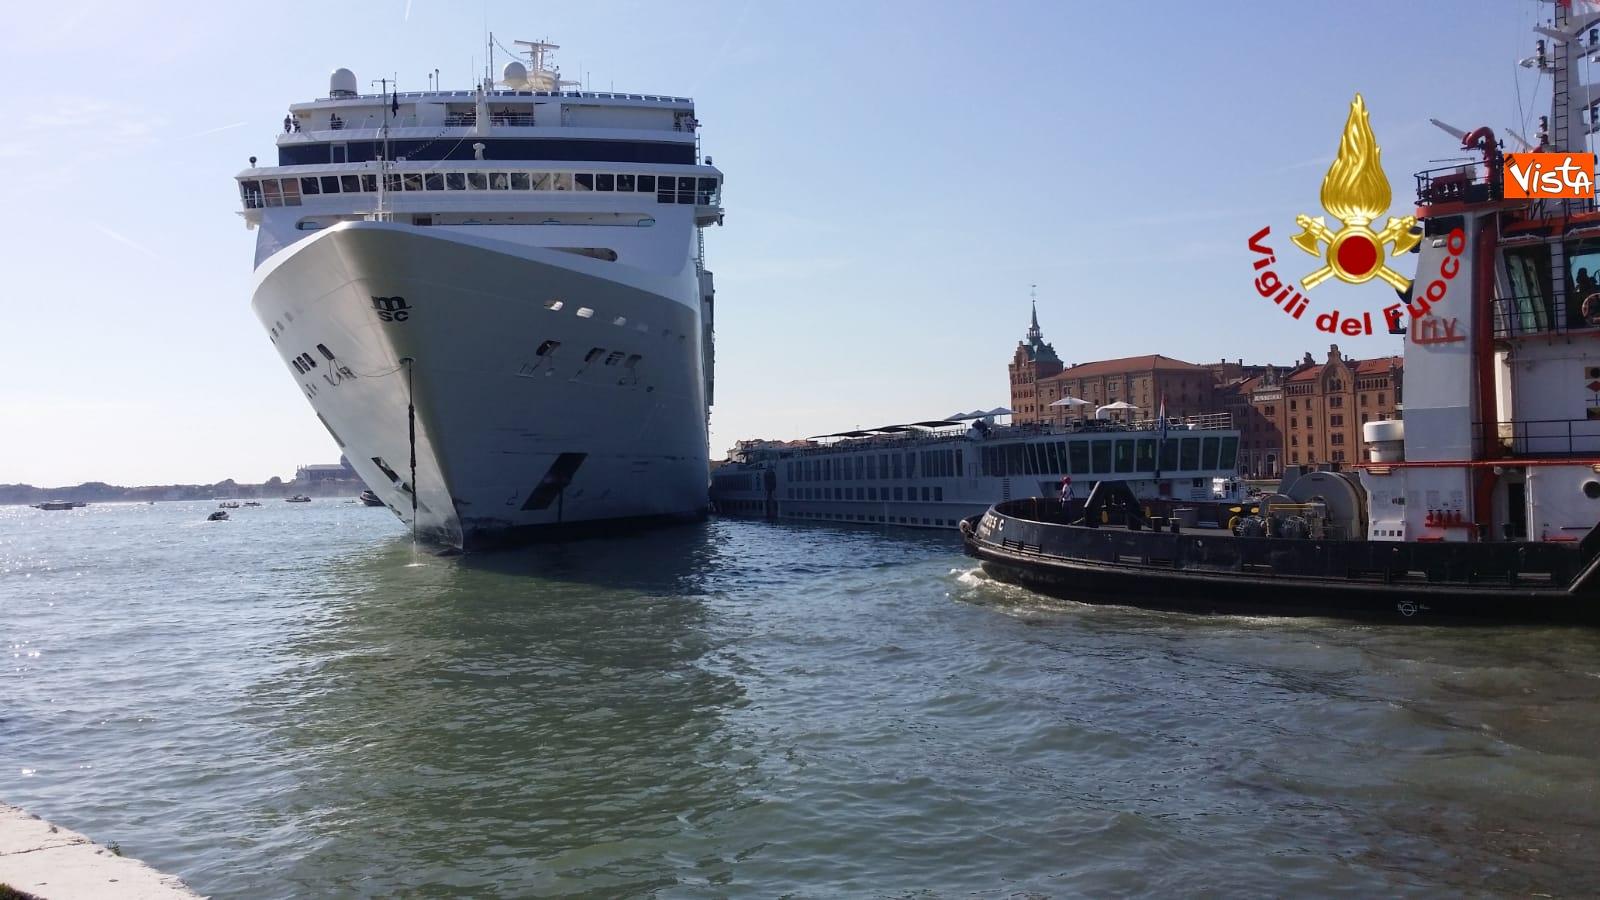 02-06-19 Scontro a Venezia fra nave da crociera e battello turistico le verifiche dei vigili del fuoco dopo l incidente_10